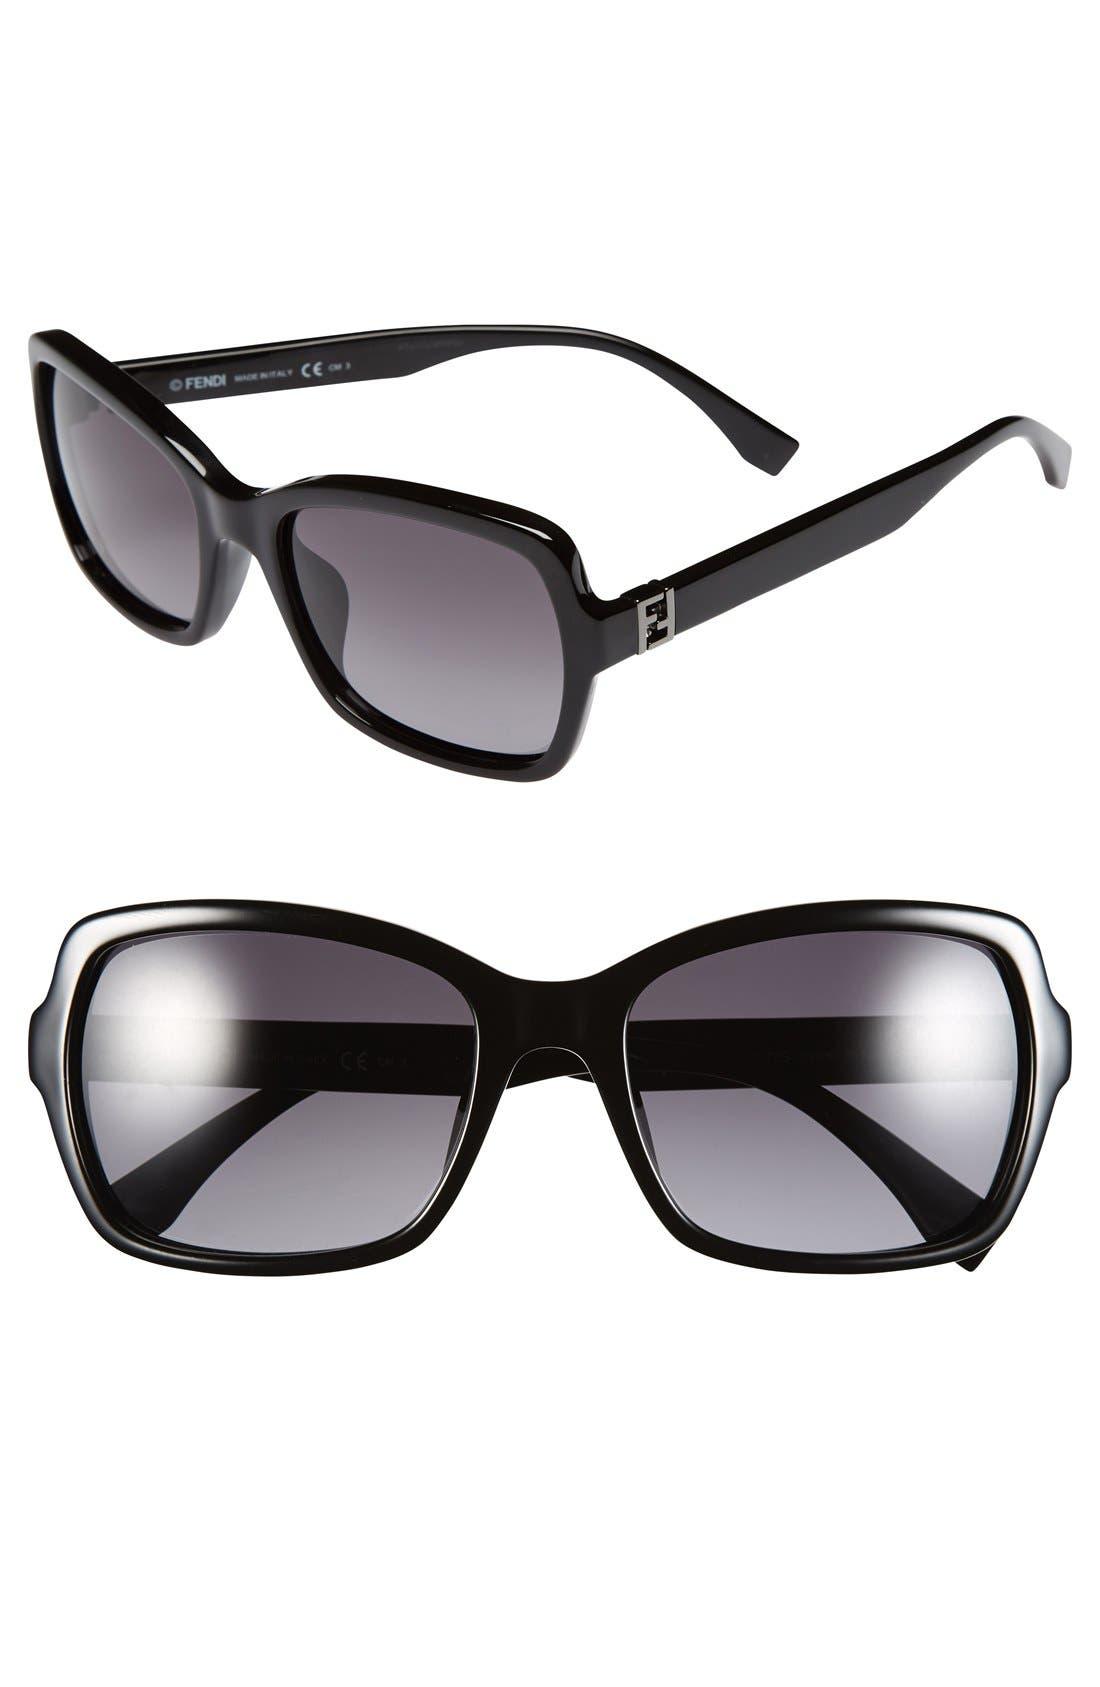 55mm Retro Sunglasses,                         Main,                         color, 001